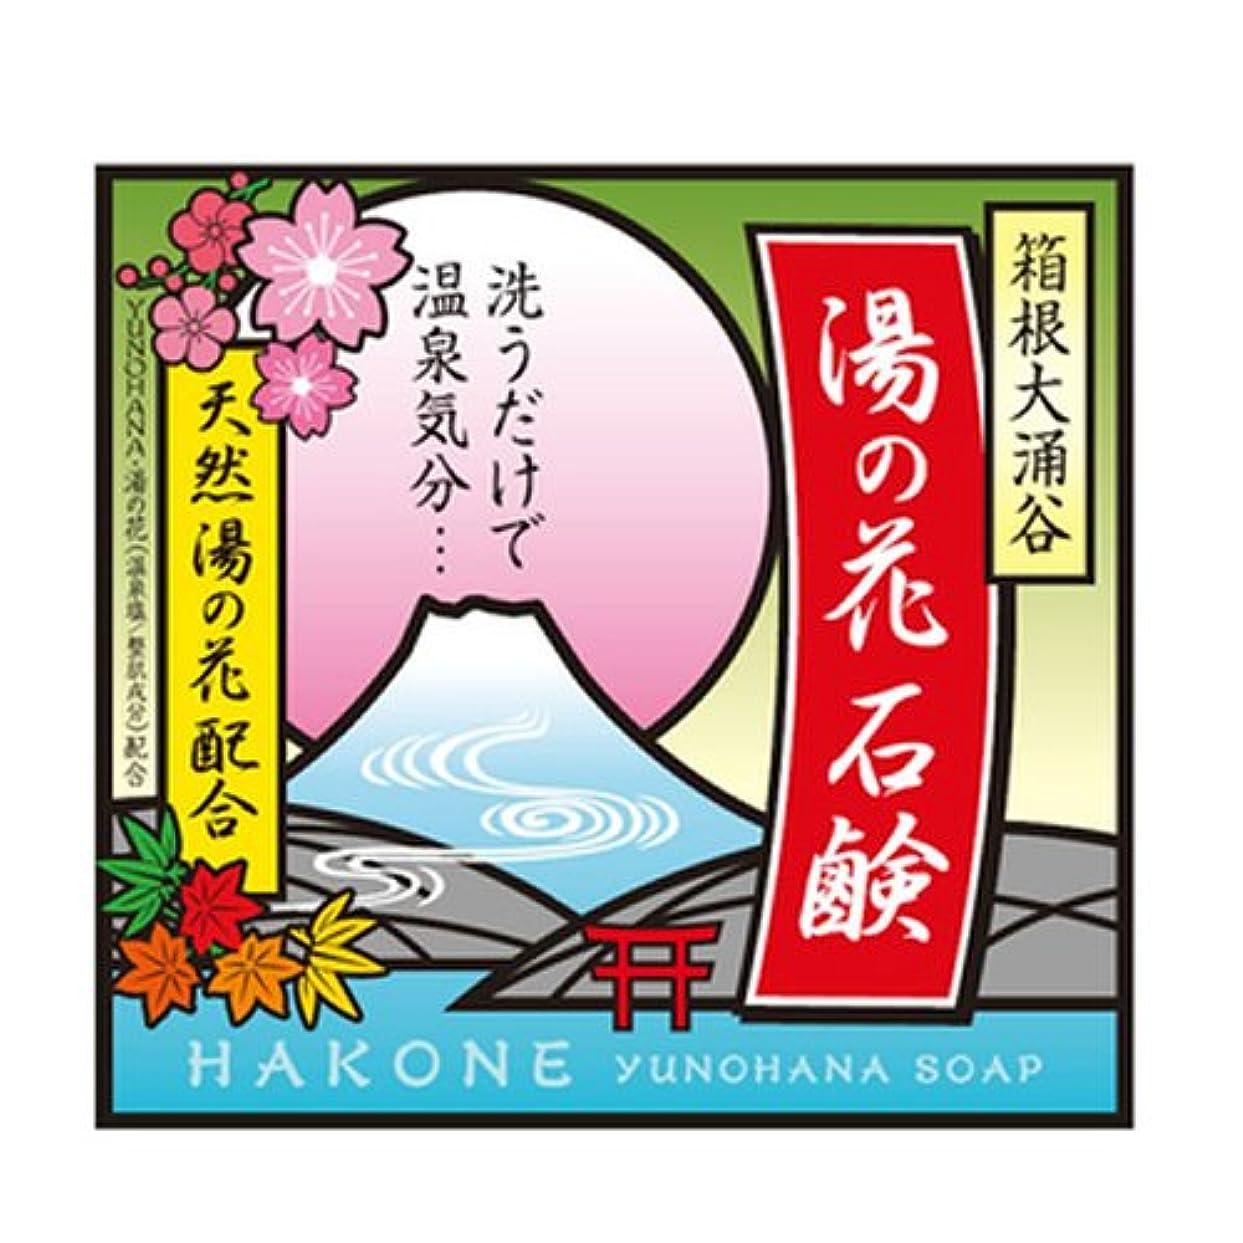 ナイトスポット酸学校箱根大涌谷 湯の花石鹸 90g